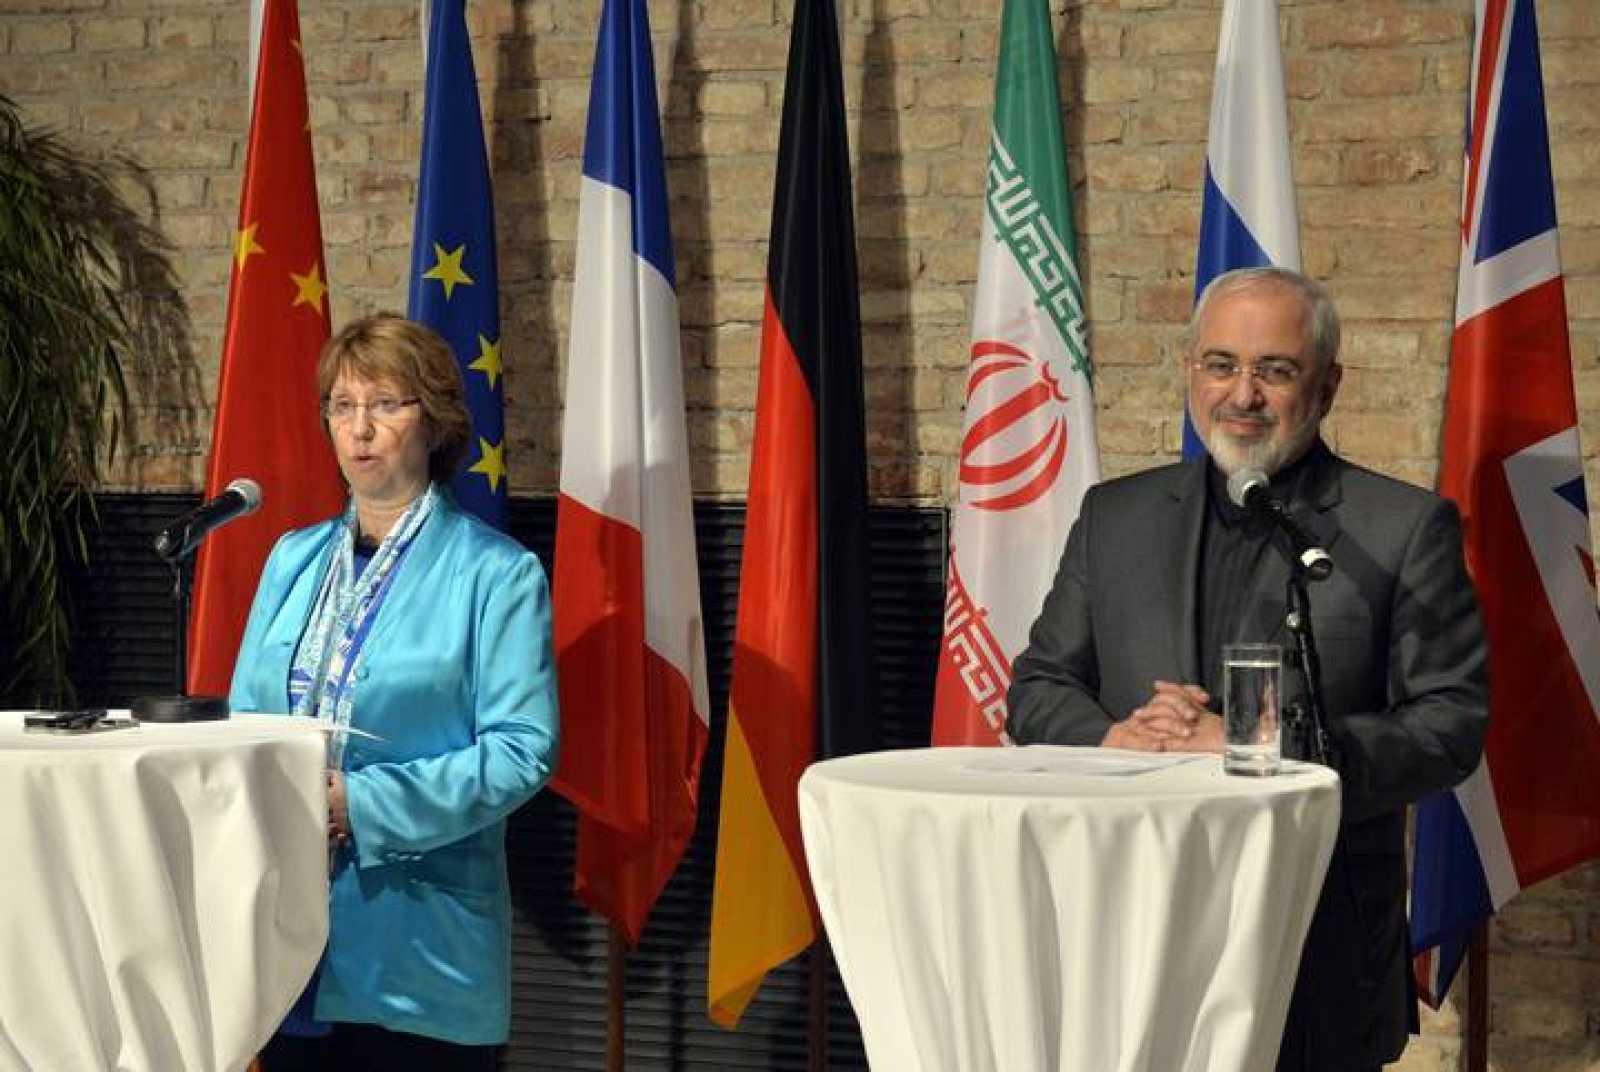 Catherine Ashton, Alta Representante de la Unión para Asuntos Exteriores y Política de Seguridad, y el ministro de exteriores iraní, Javad Zarif, comparecen ante los medios tras la reunión en Viena